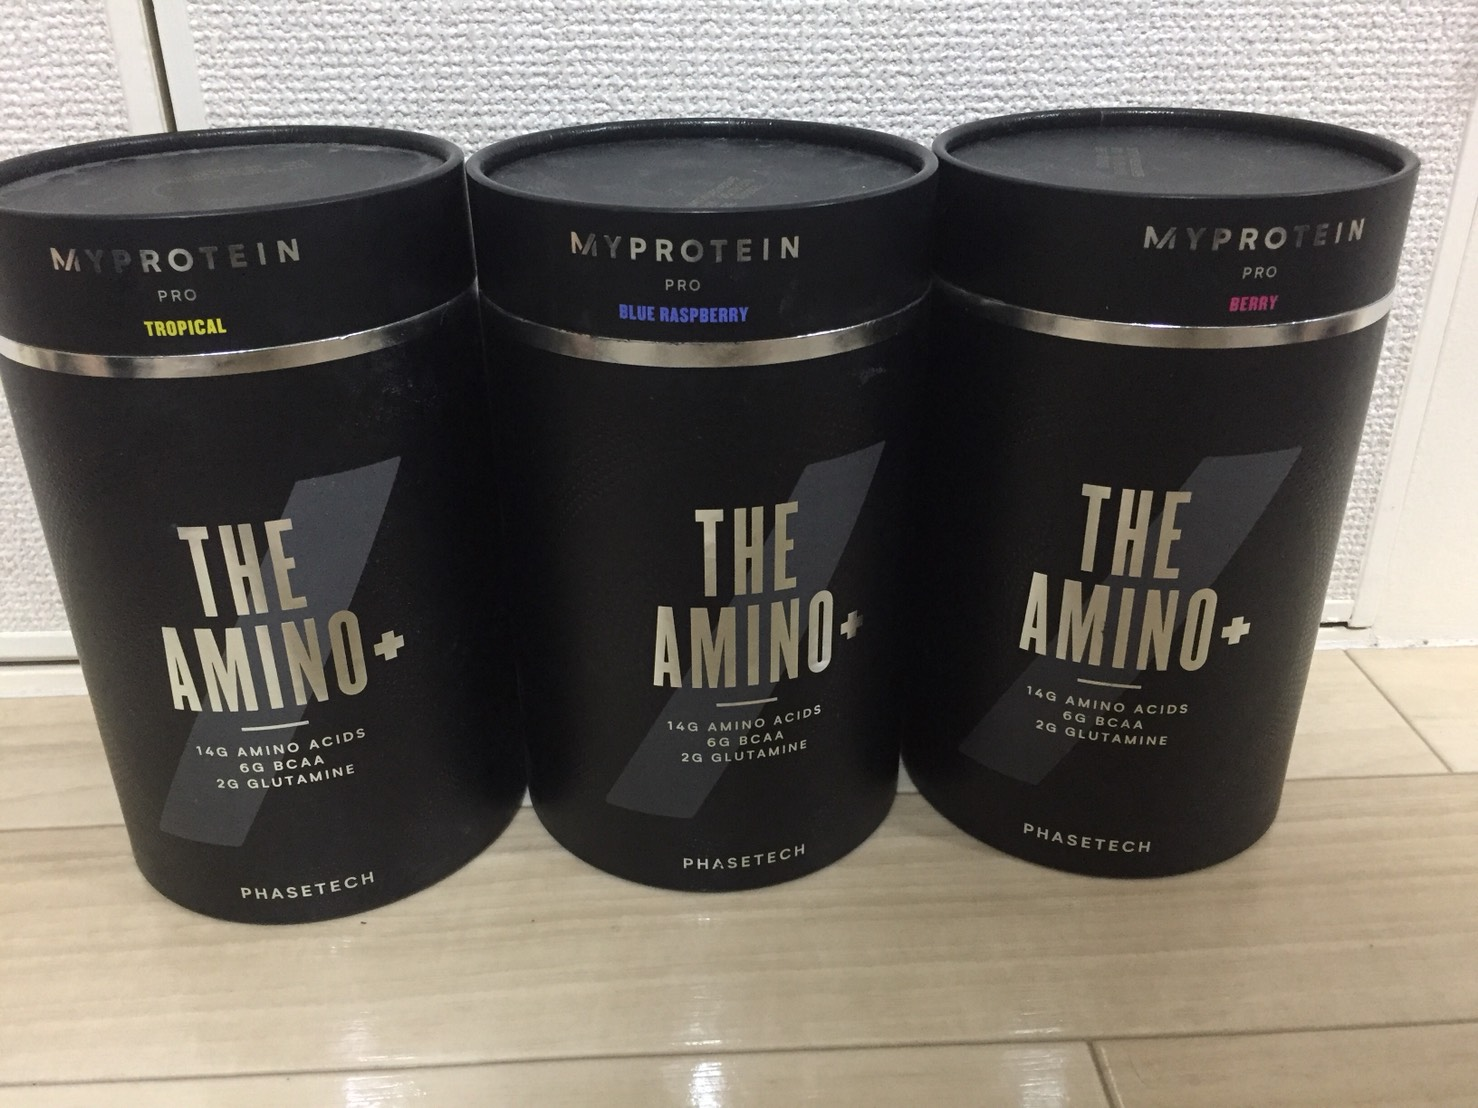 THE アミノ+の成分表